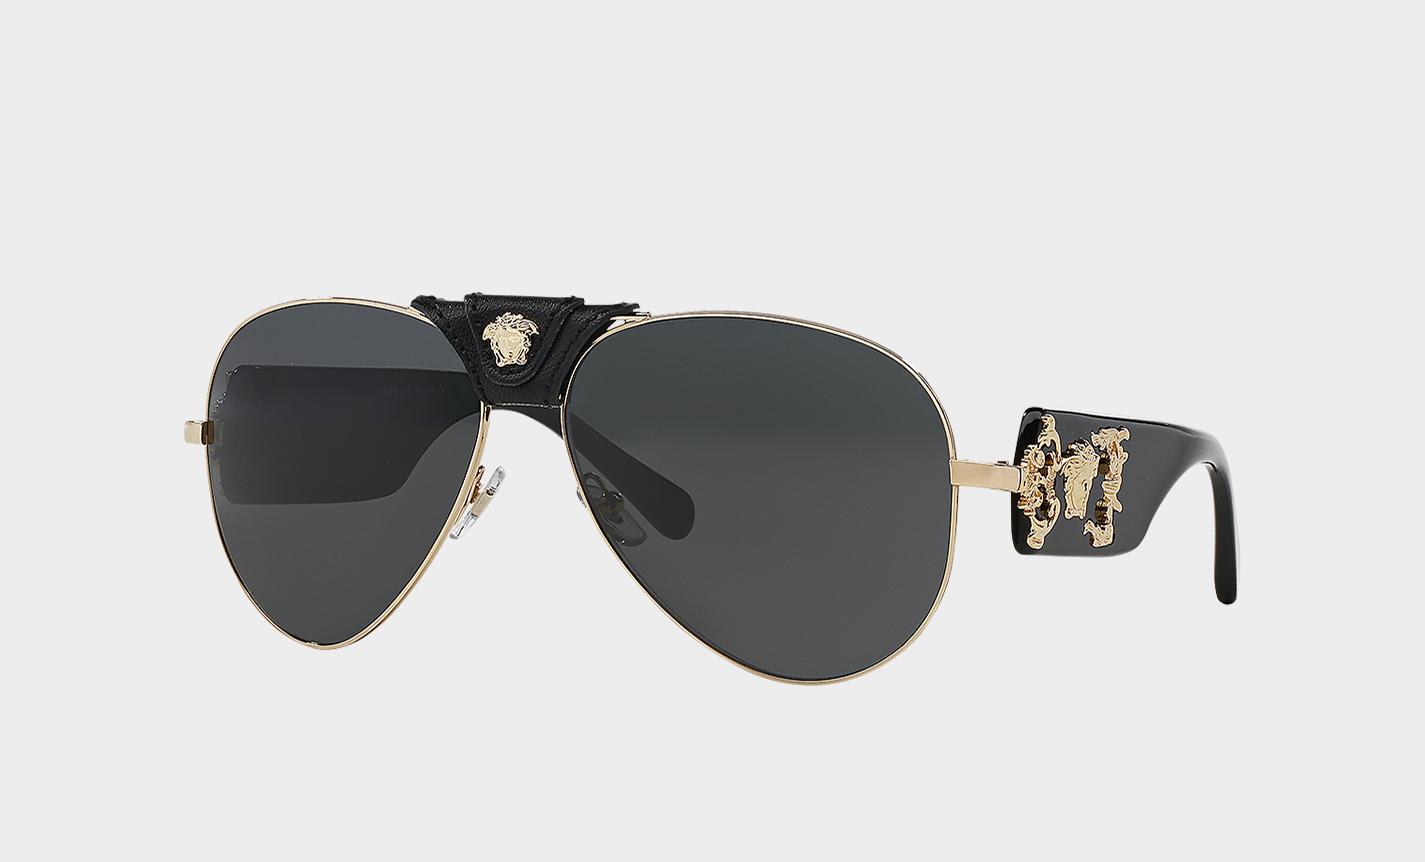 versaceBlack Baroque Sunglasses